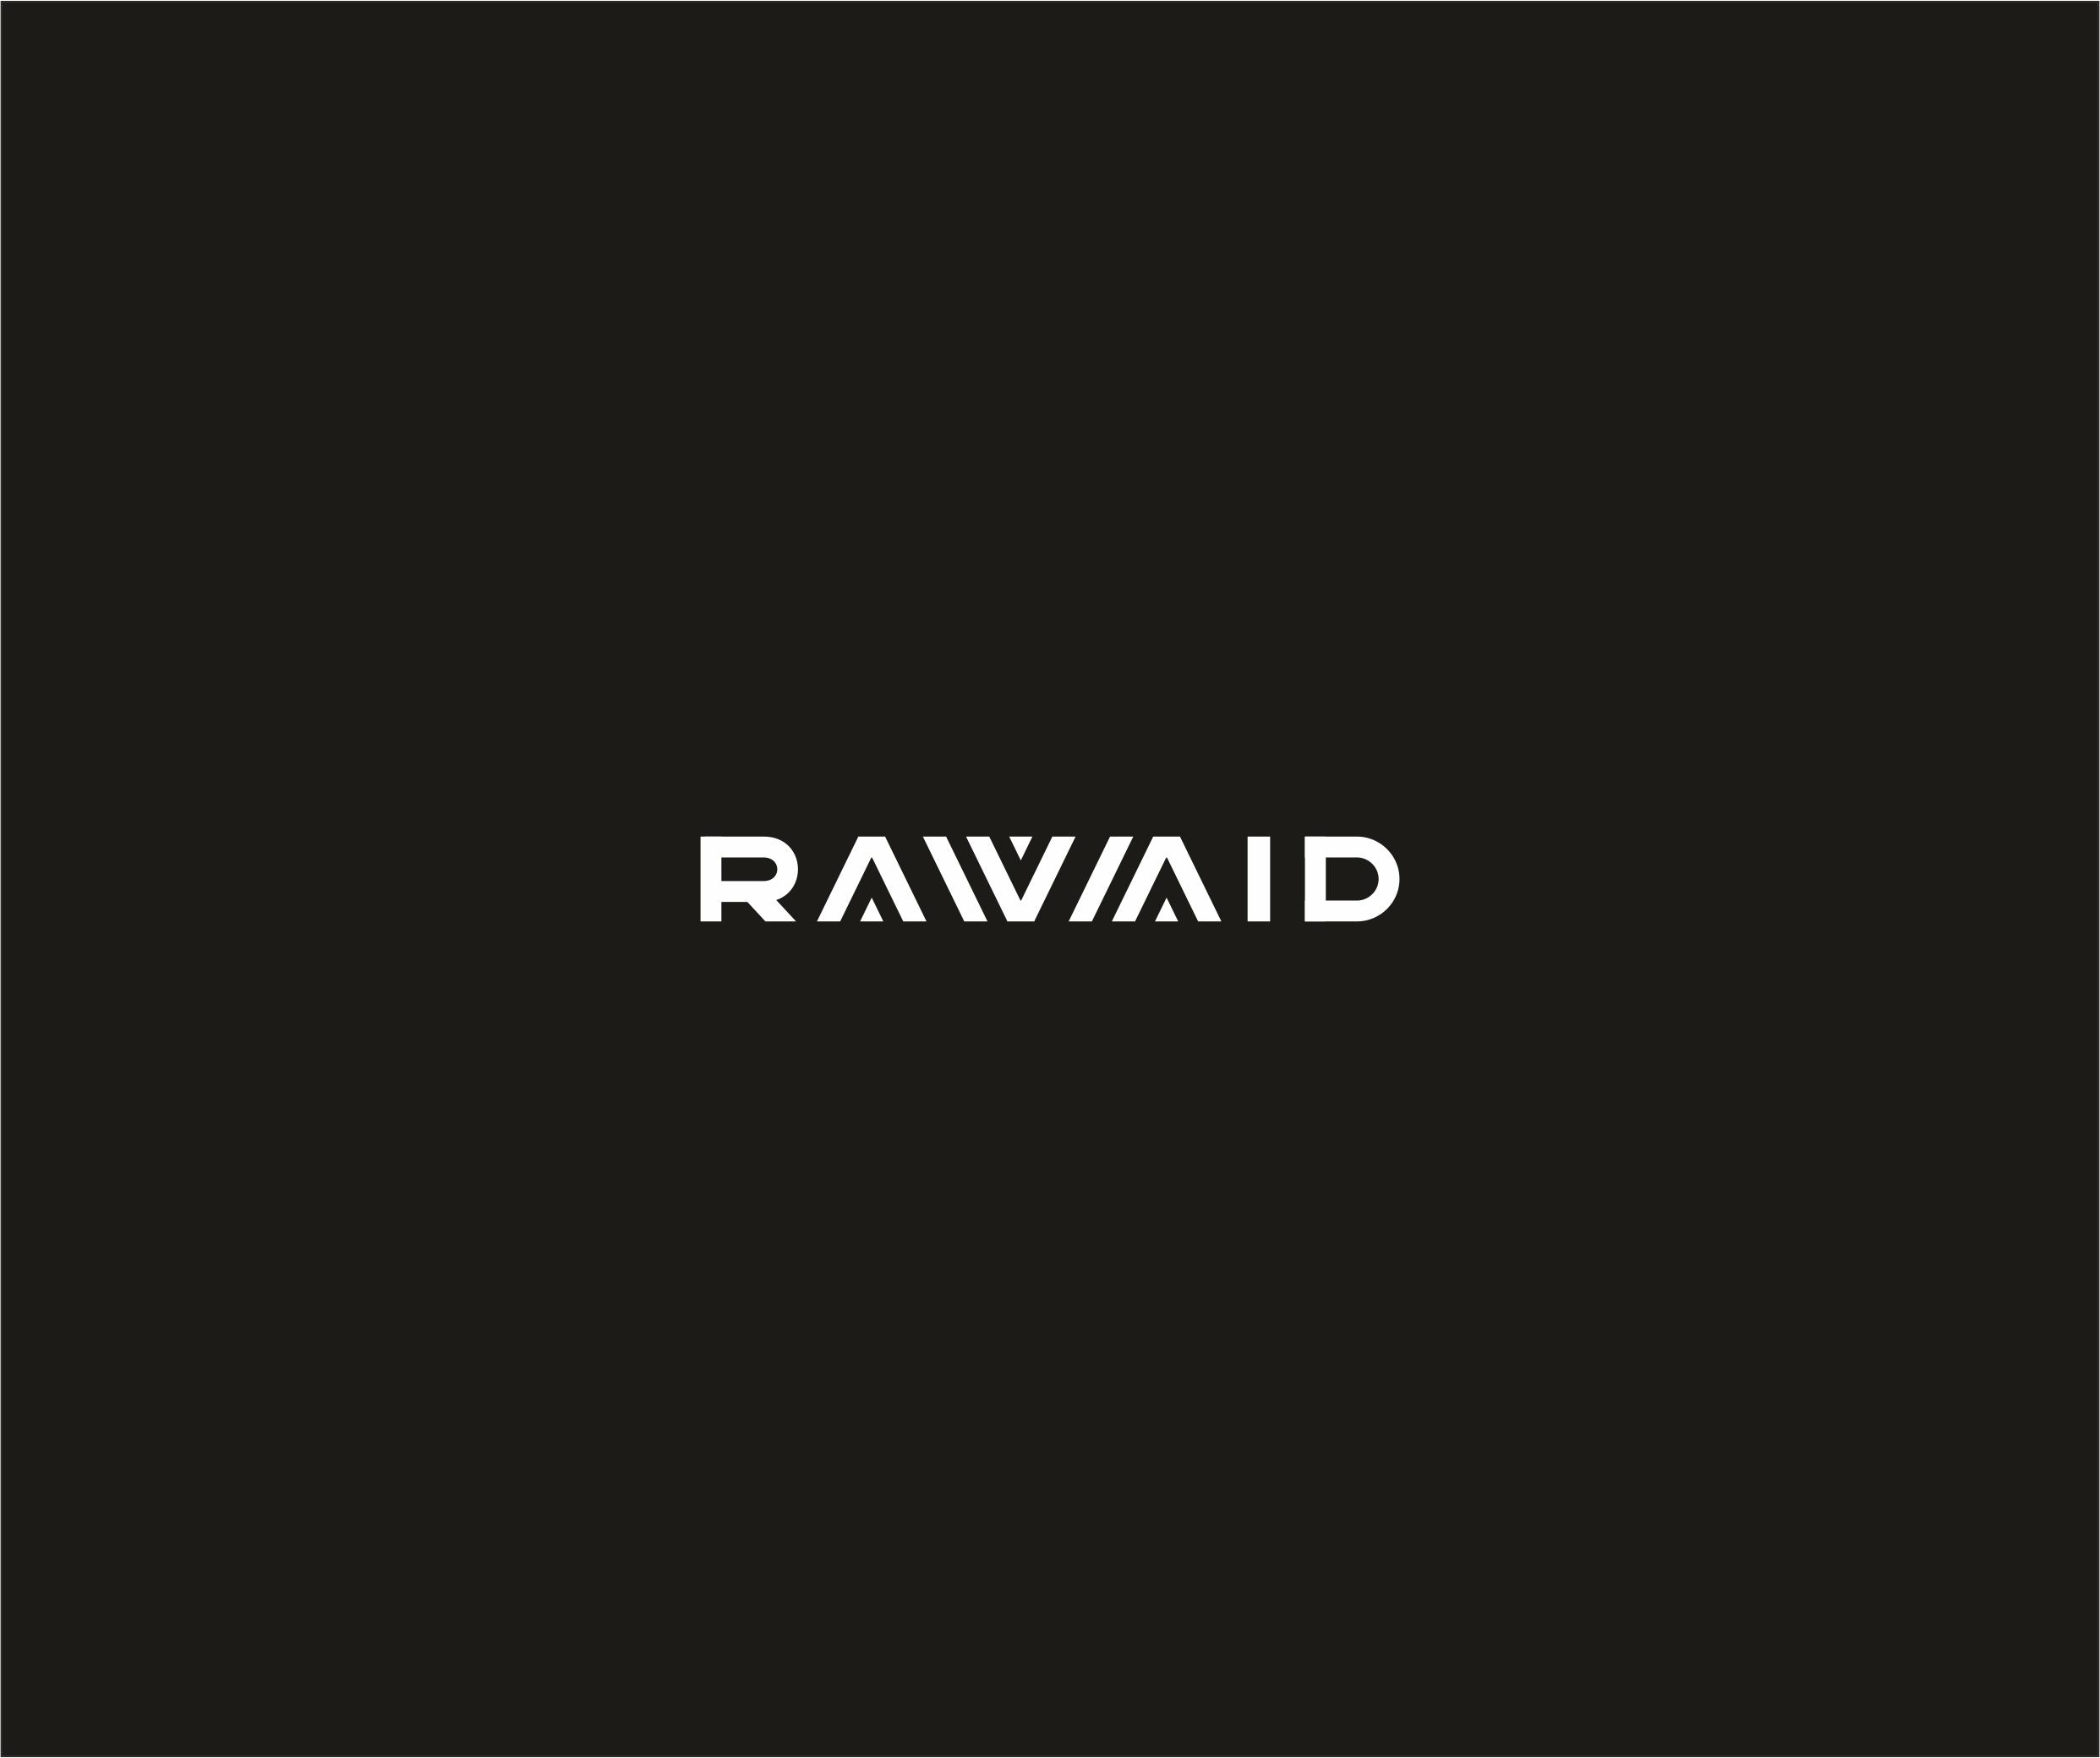 Создать логотип (буквенная часть) для бренда бытовой техники фото f_5145b33cf01c38d9.jpg